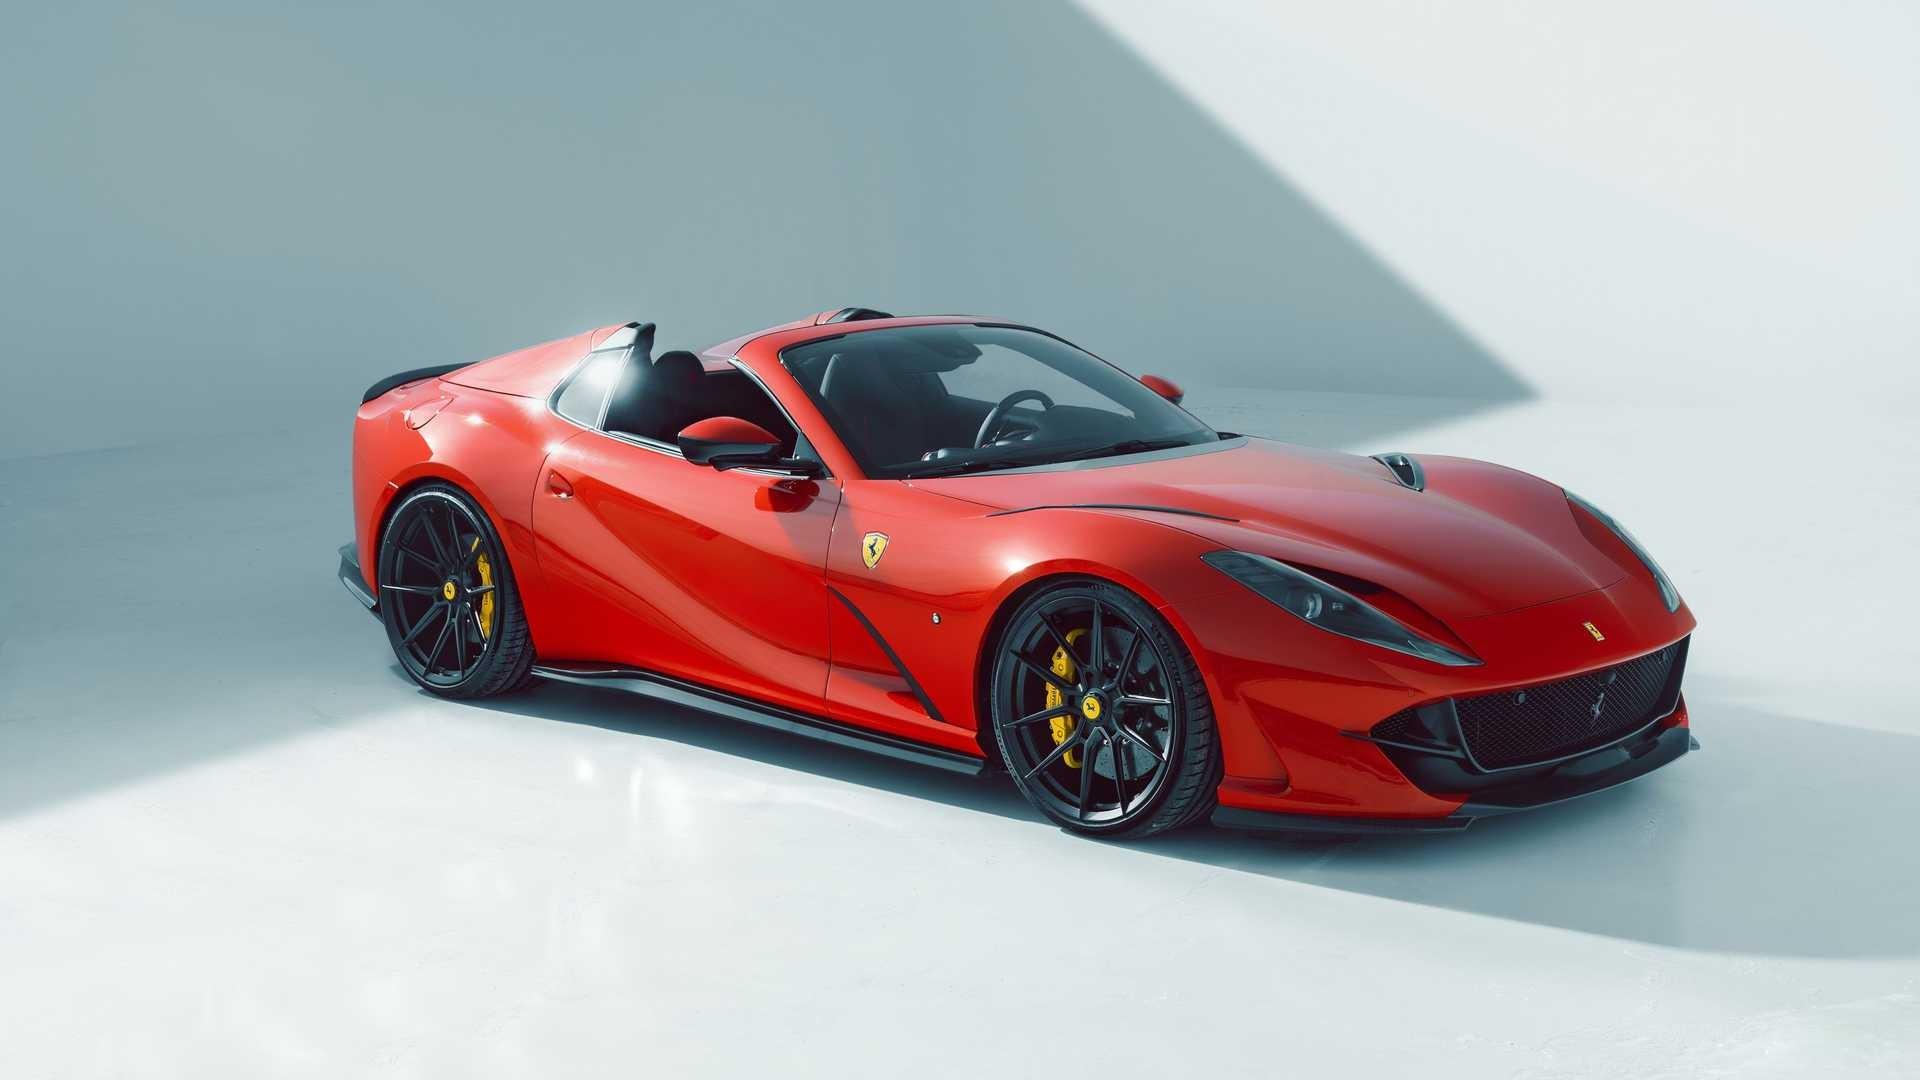 El Ferrari 812 GTS de Novitec es el equilibrio entre la personalización y la esencia original